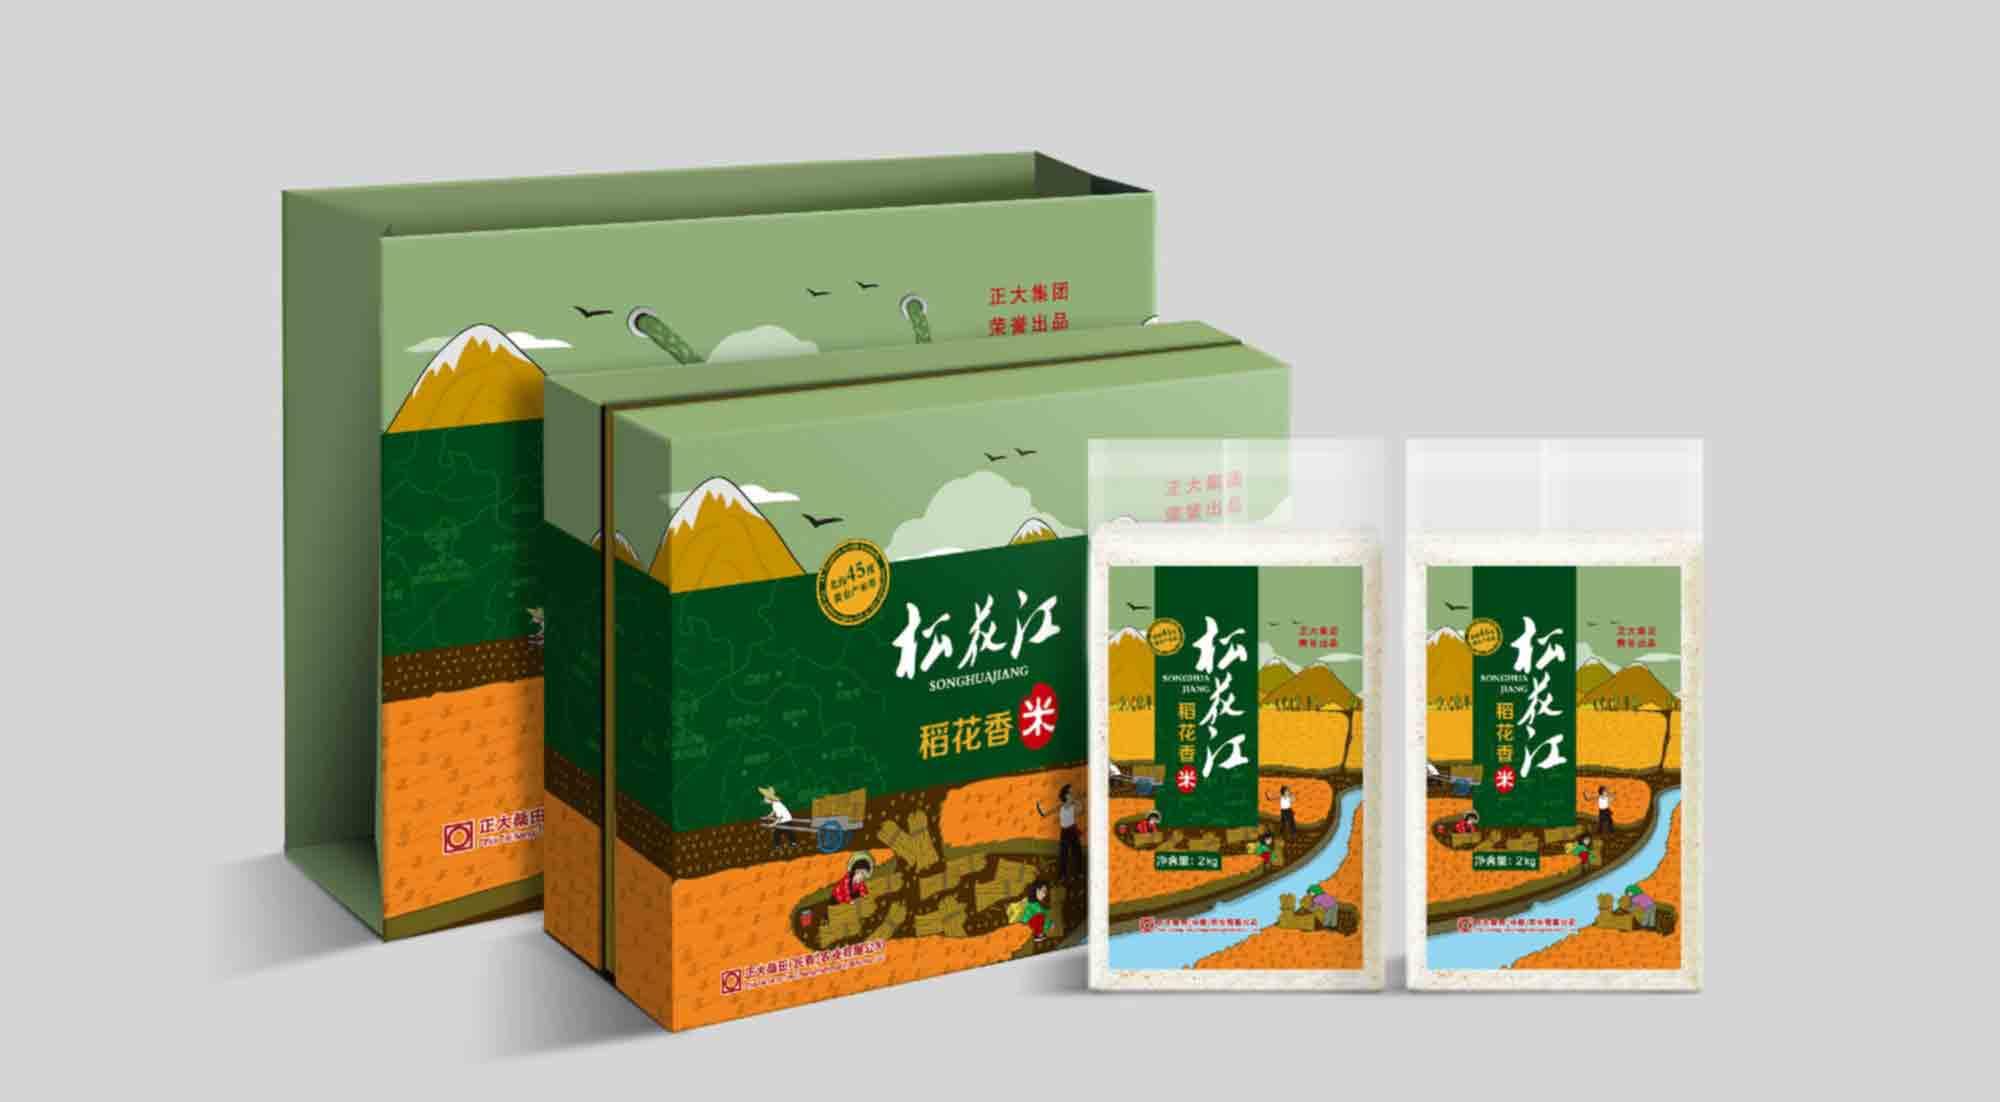 风火锐意顺利完成正大集团农产品系列包装 - 标志设计